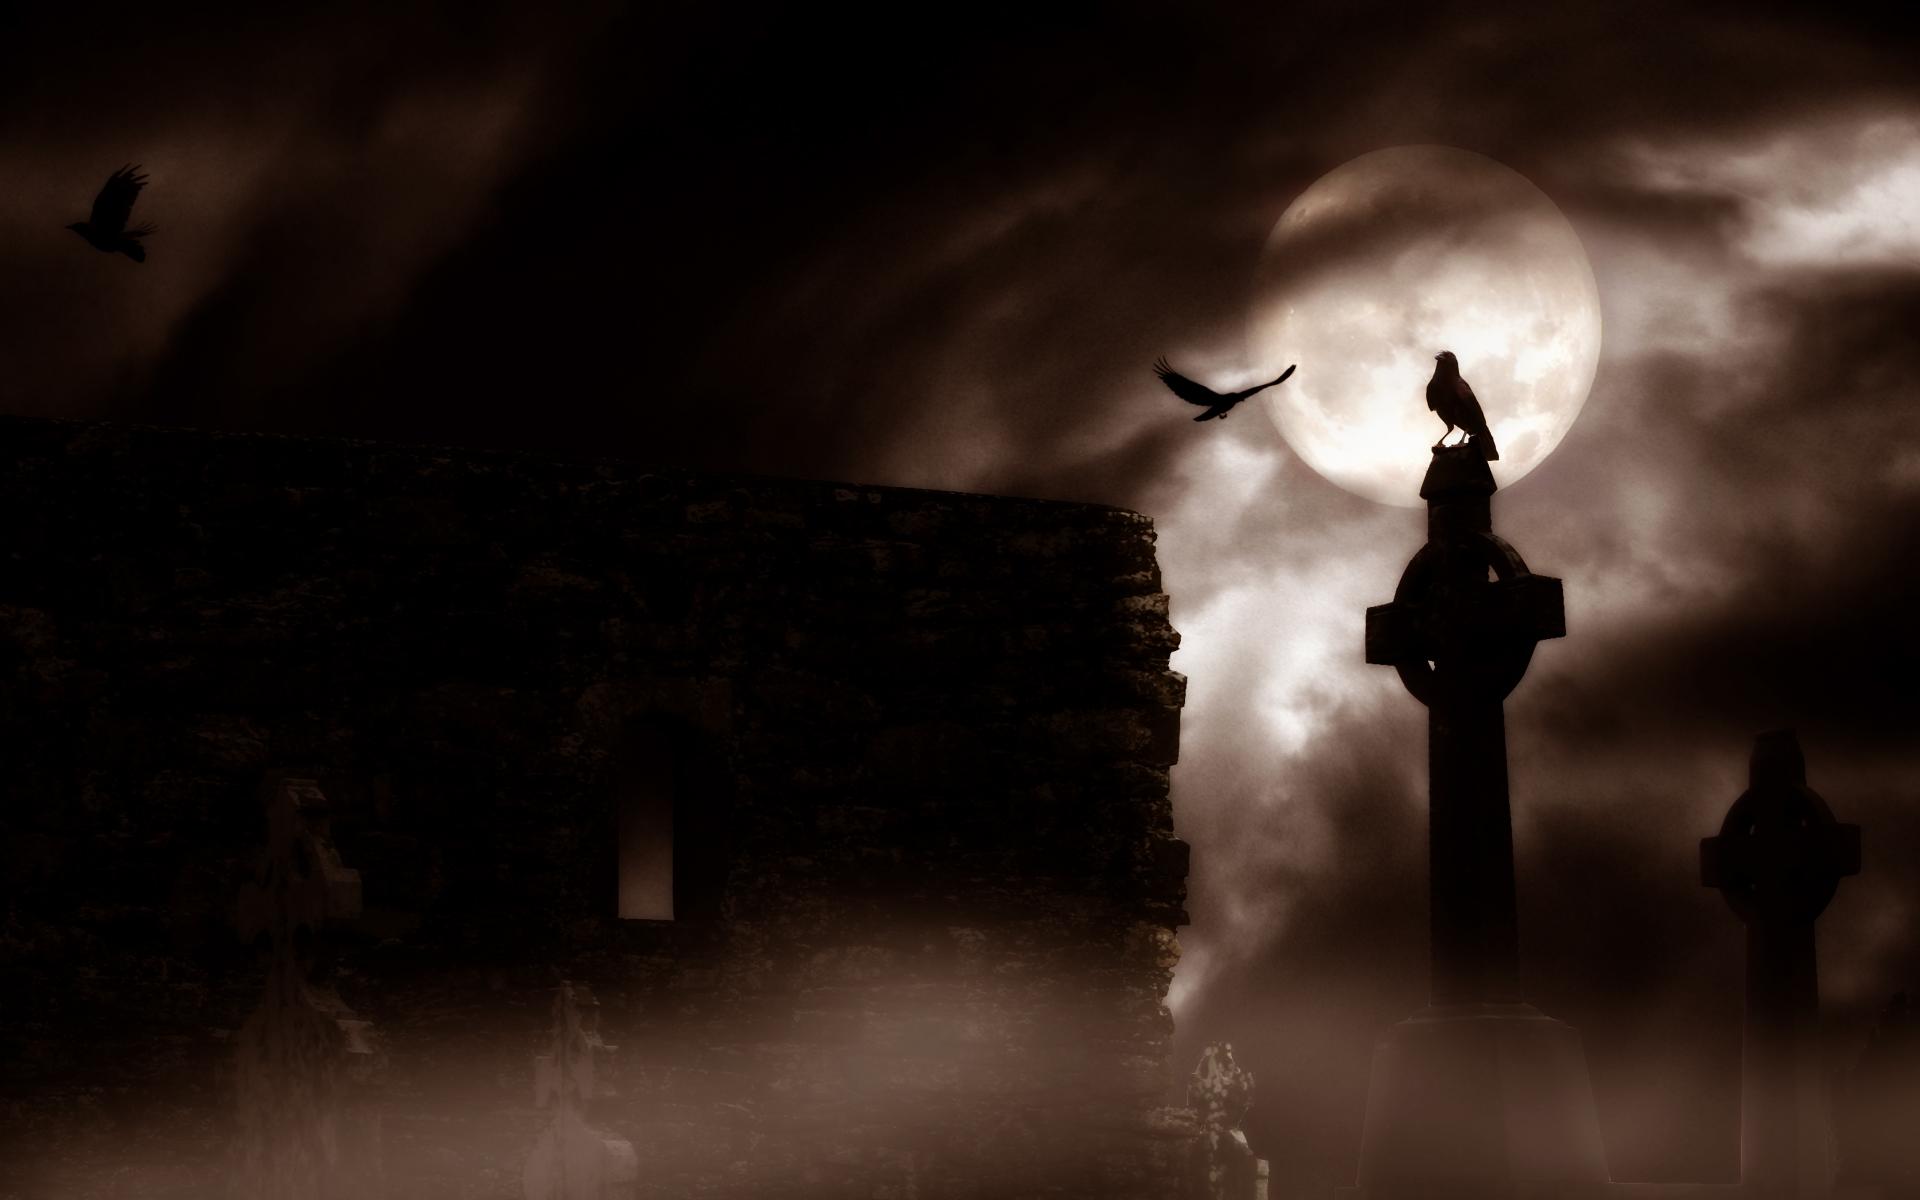 Dark Horror Gothic Raven Cemetery Graveyard Halloween Wallpaper X  Wallpaperup